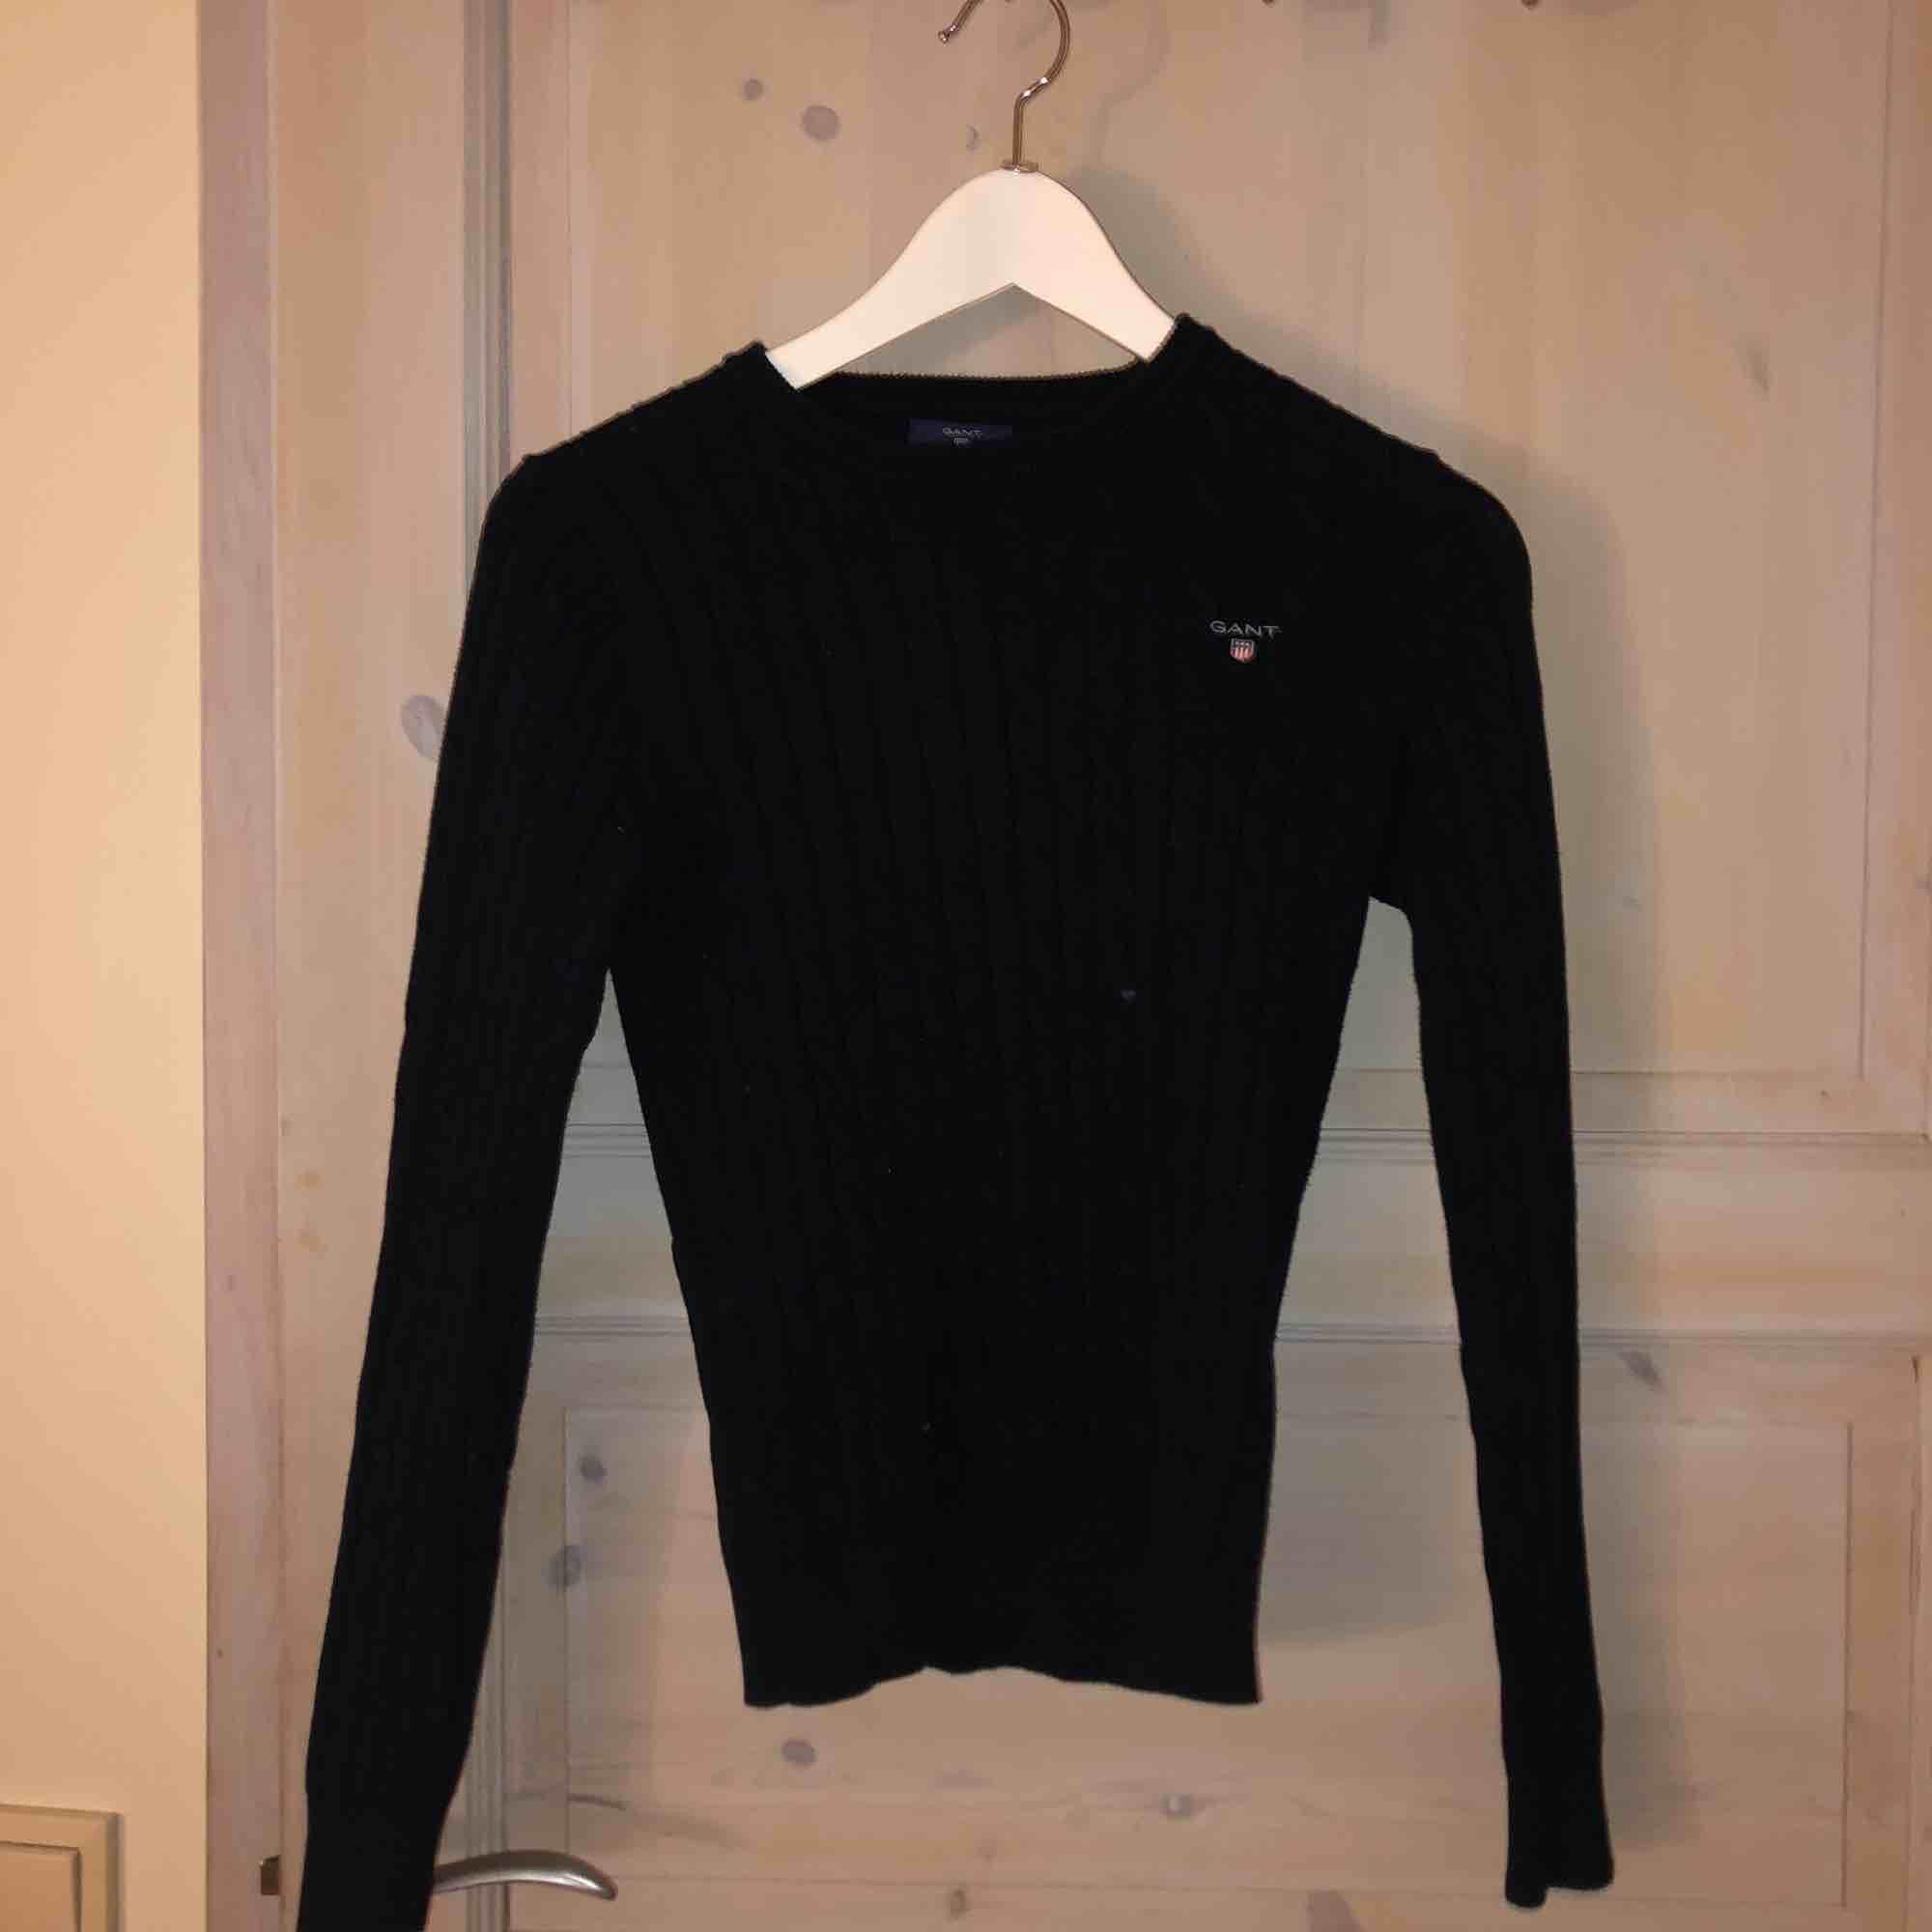 Äkta marinblå Gant-tröja. Storlek XS men passar även någon med storlek S då den är väldigt stretching. Inte köpt nyligen men nästan helt oanvänd. Kostar 300 + frakt men pris kan diskuteras.. Stickat.